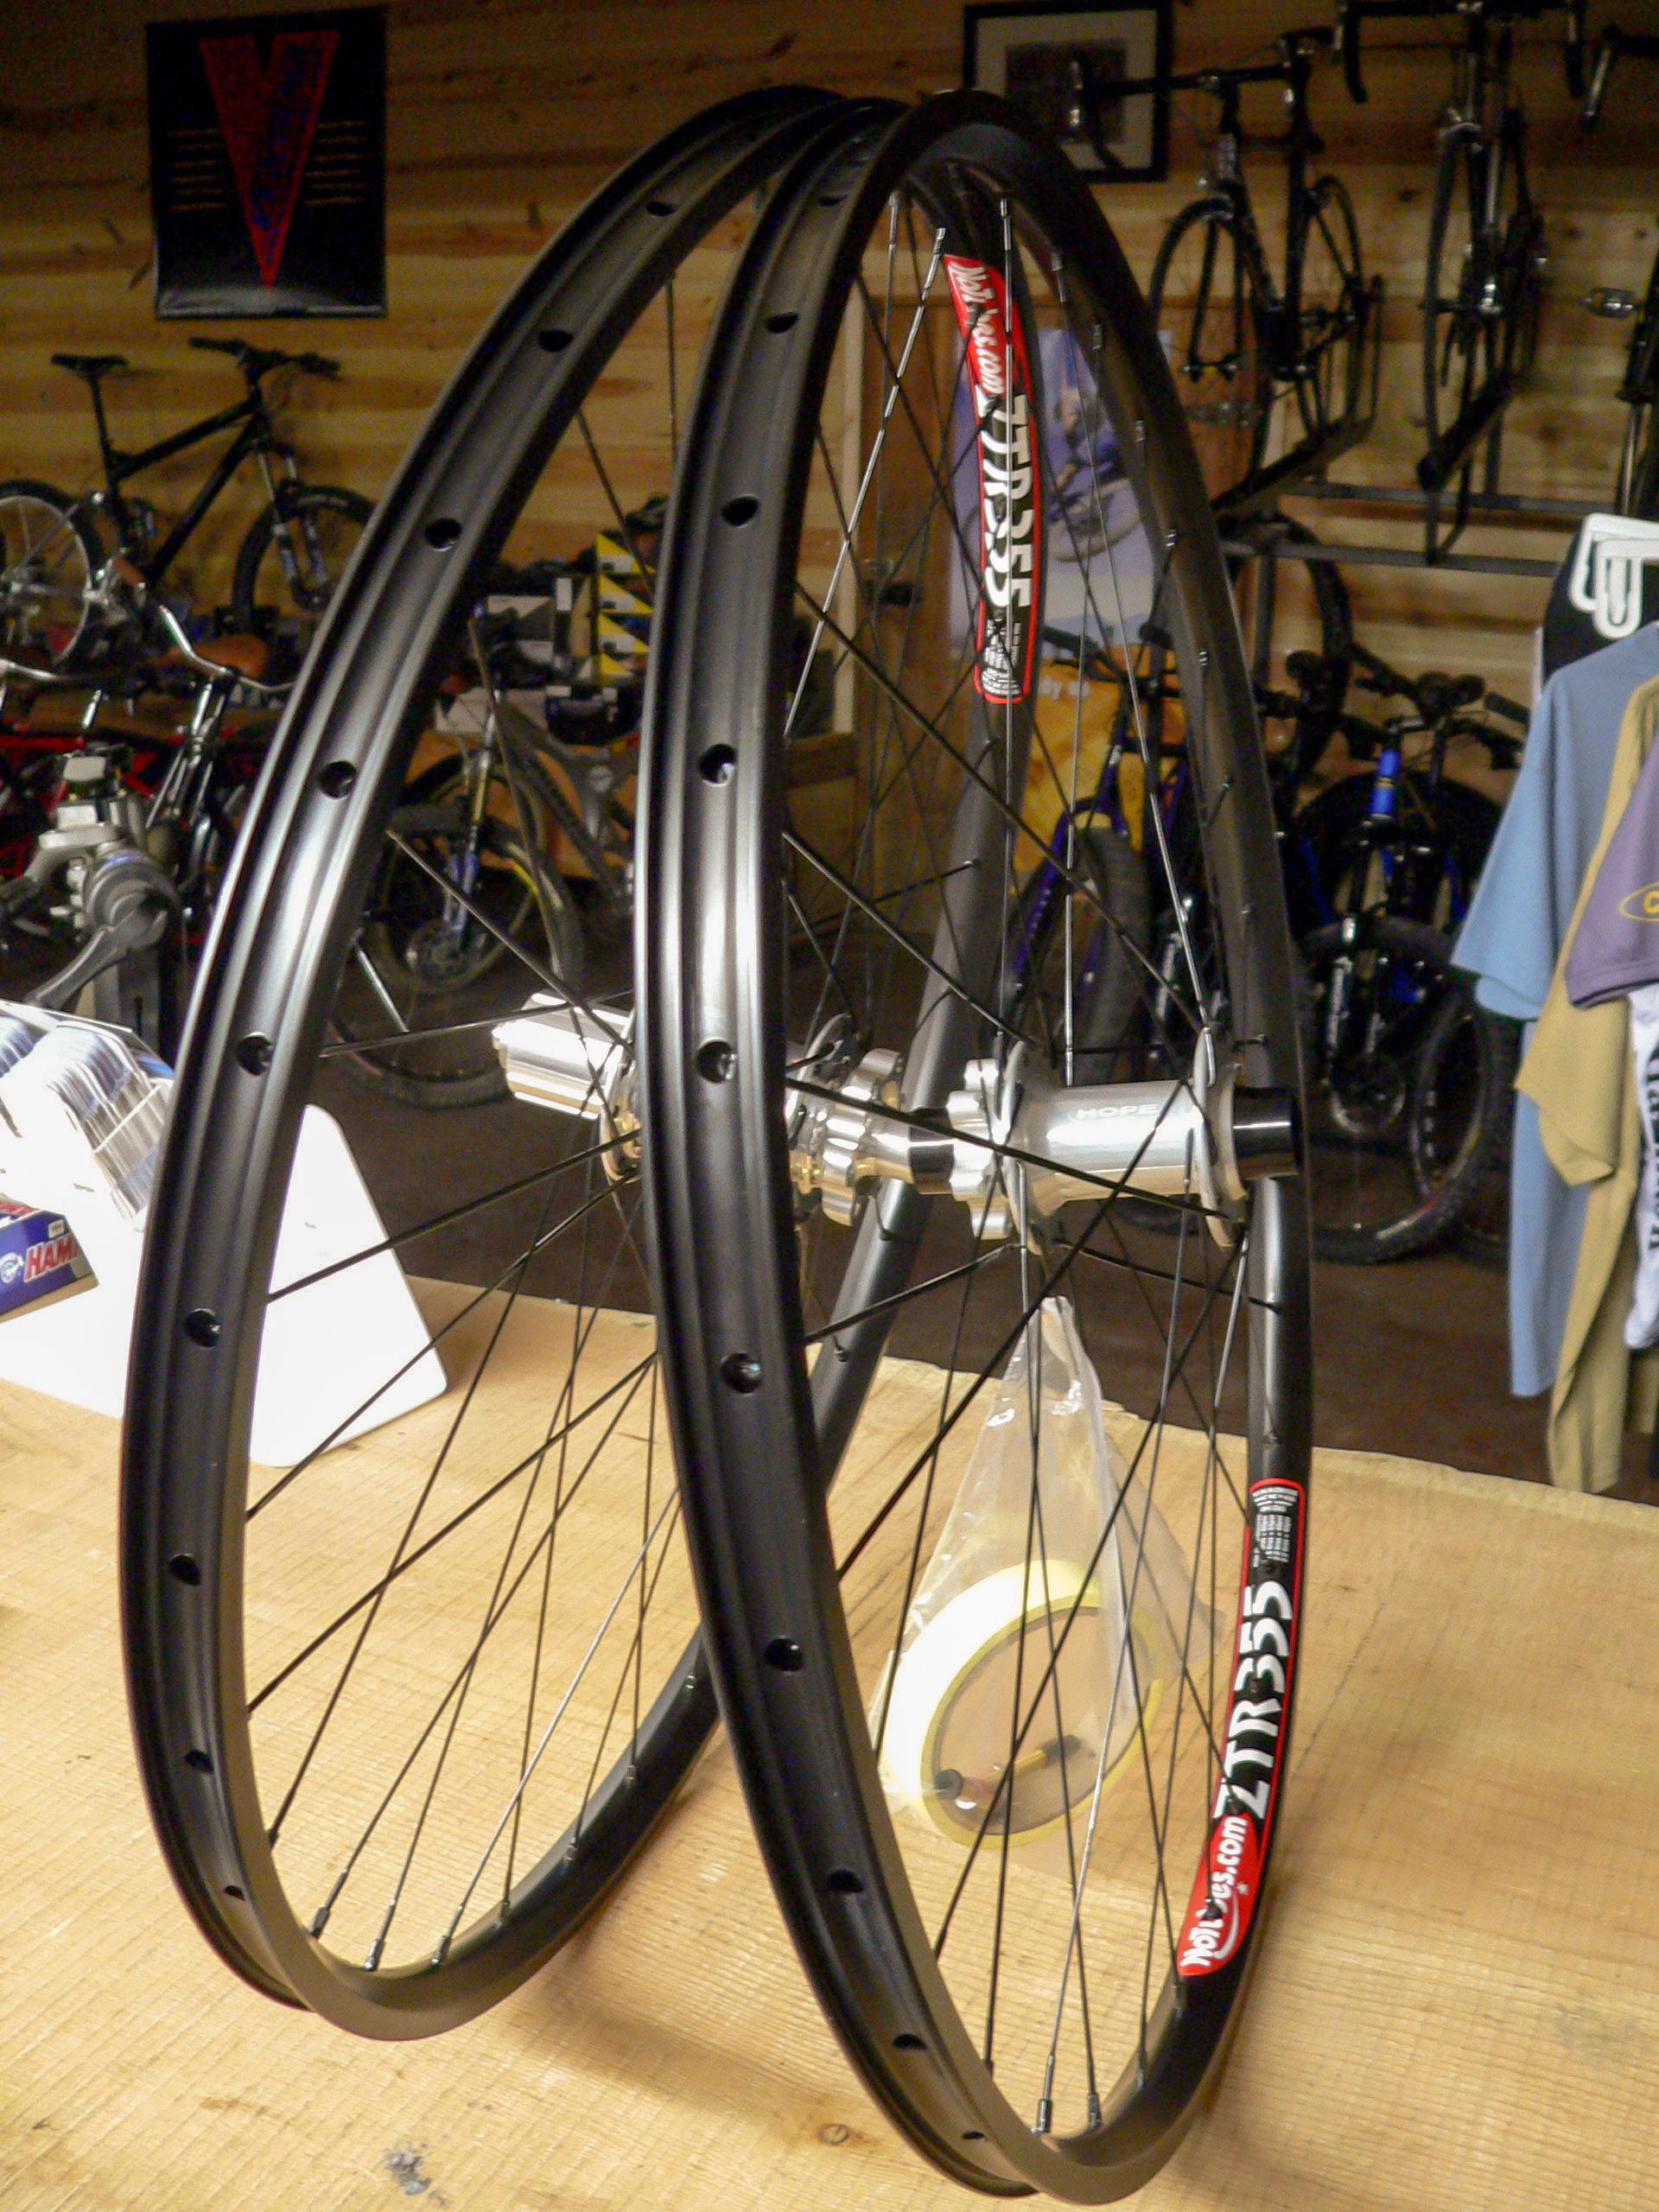 ZTR wheels in a wheelset